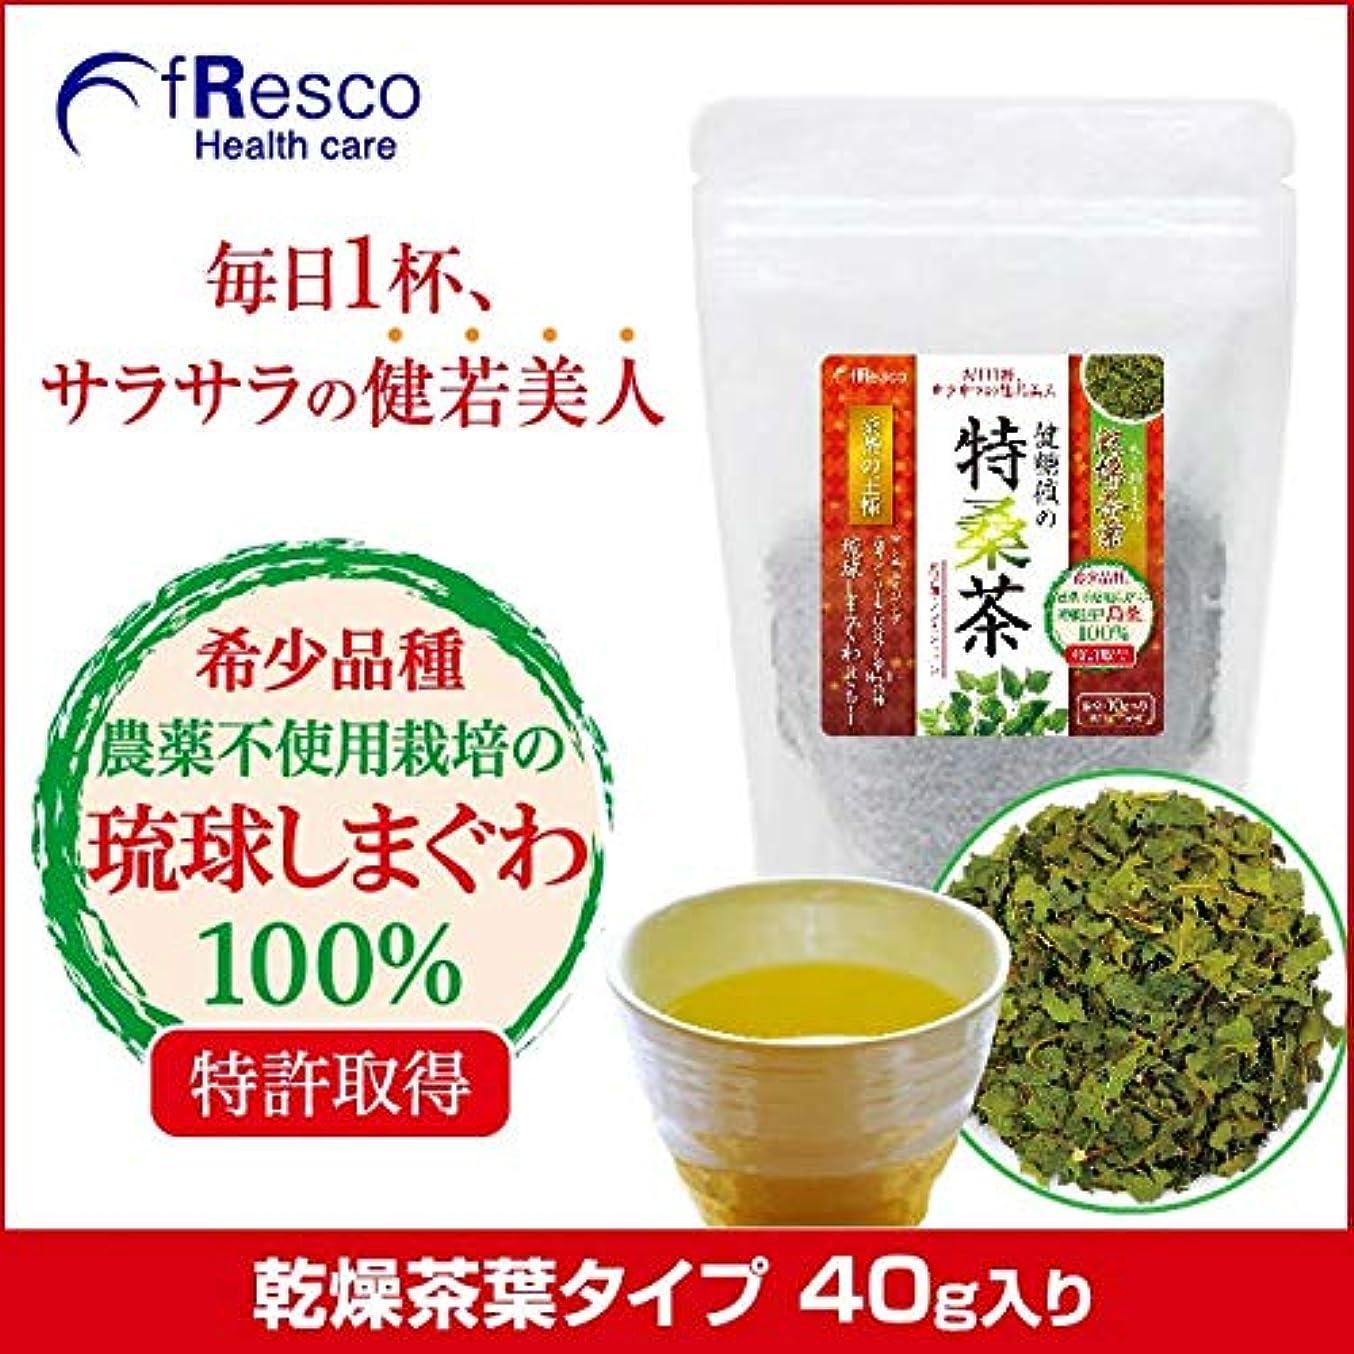 略語サミットメロディアス桑茶の王様 琉球しまぐわ 健糖値の特桑茶 乾燥茶葉